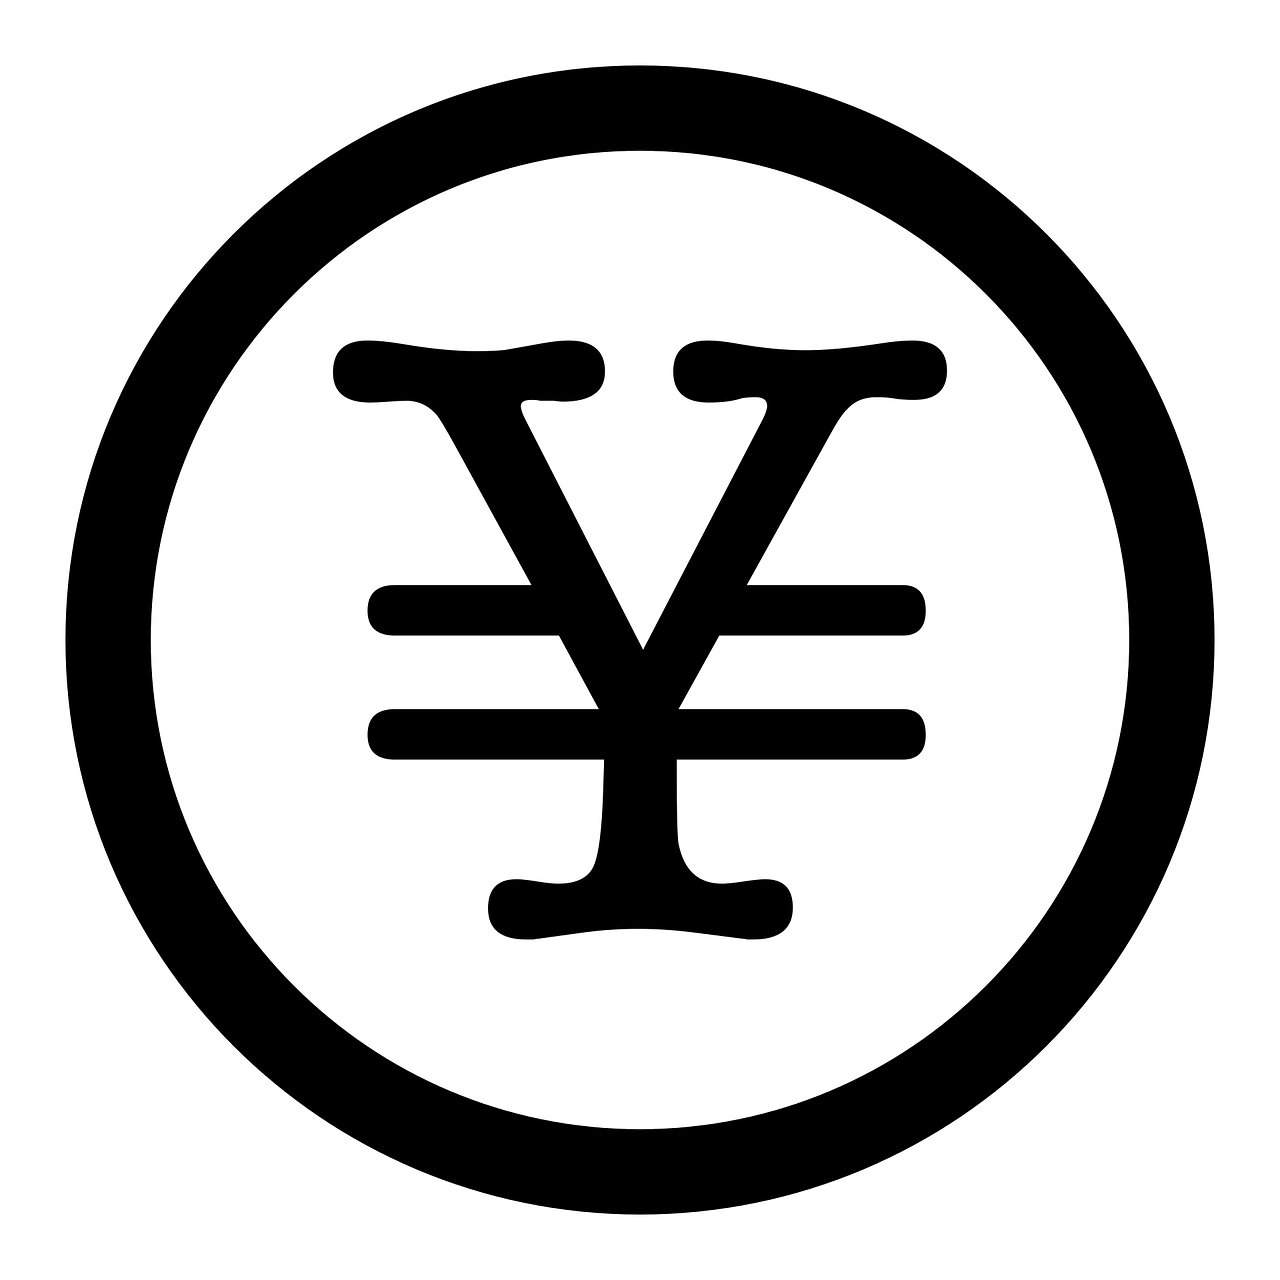 yen news